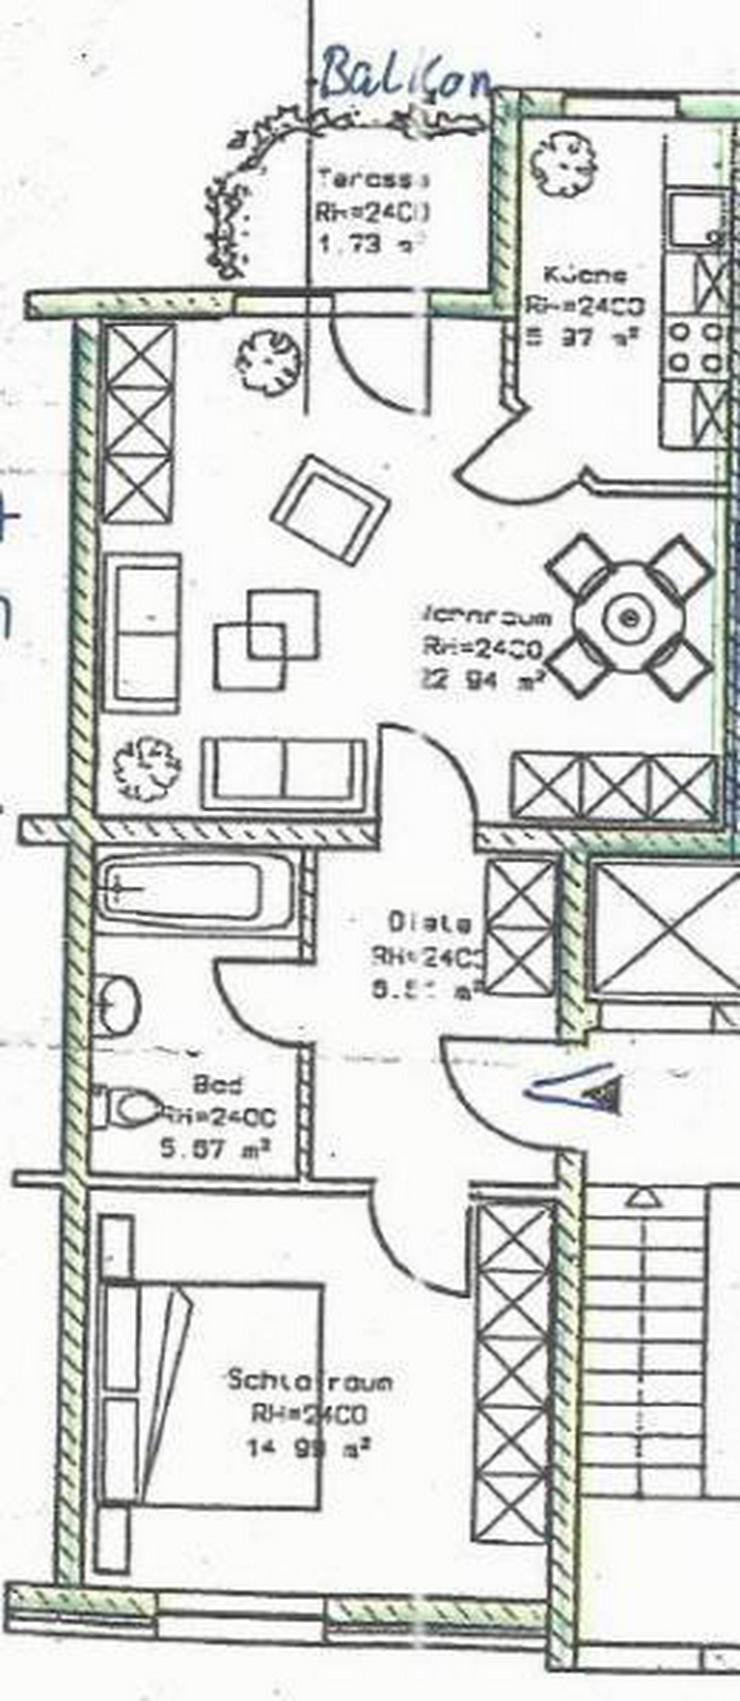 Immobilienpaket! 5x 2-Zimmer-ET-Wohnungen mit Aufzug, Balkonen und TG-Stellplätzen! Prov.... - Wohnung kaufen - Bild 1